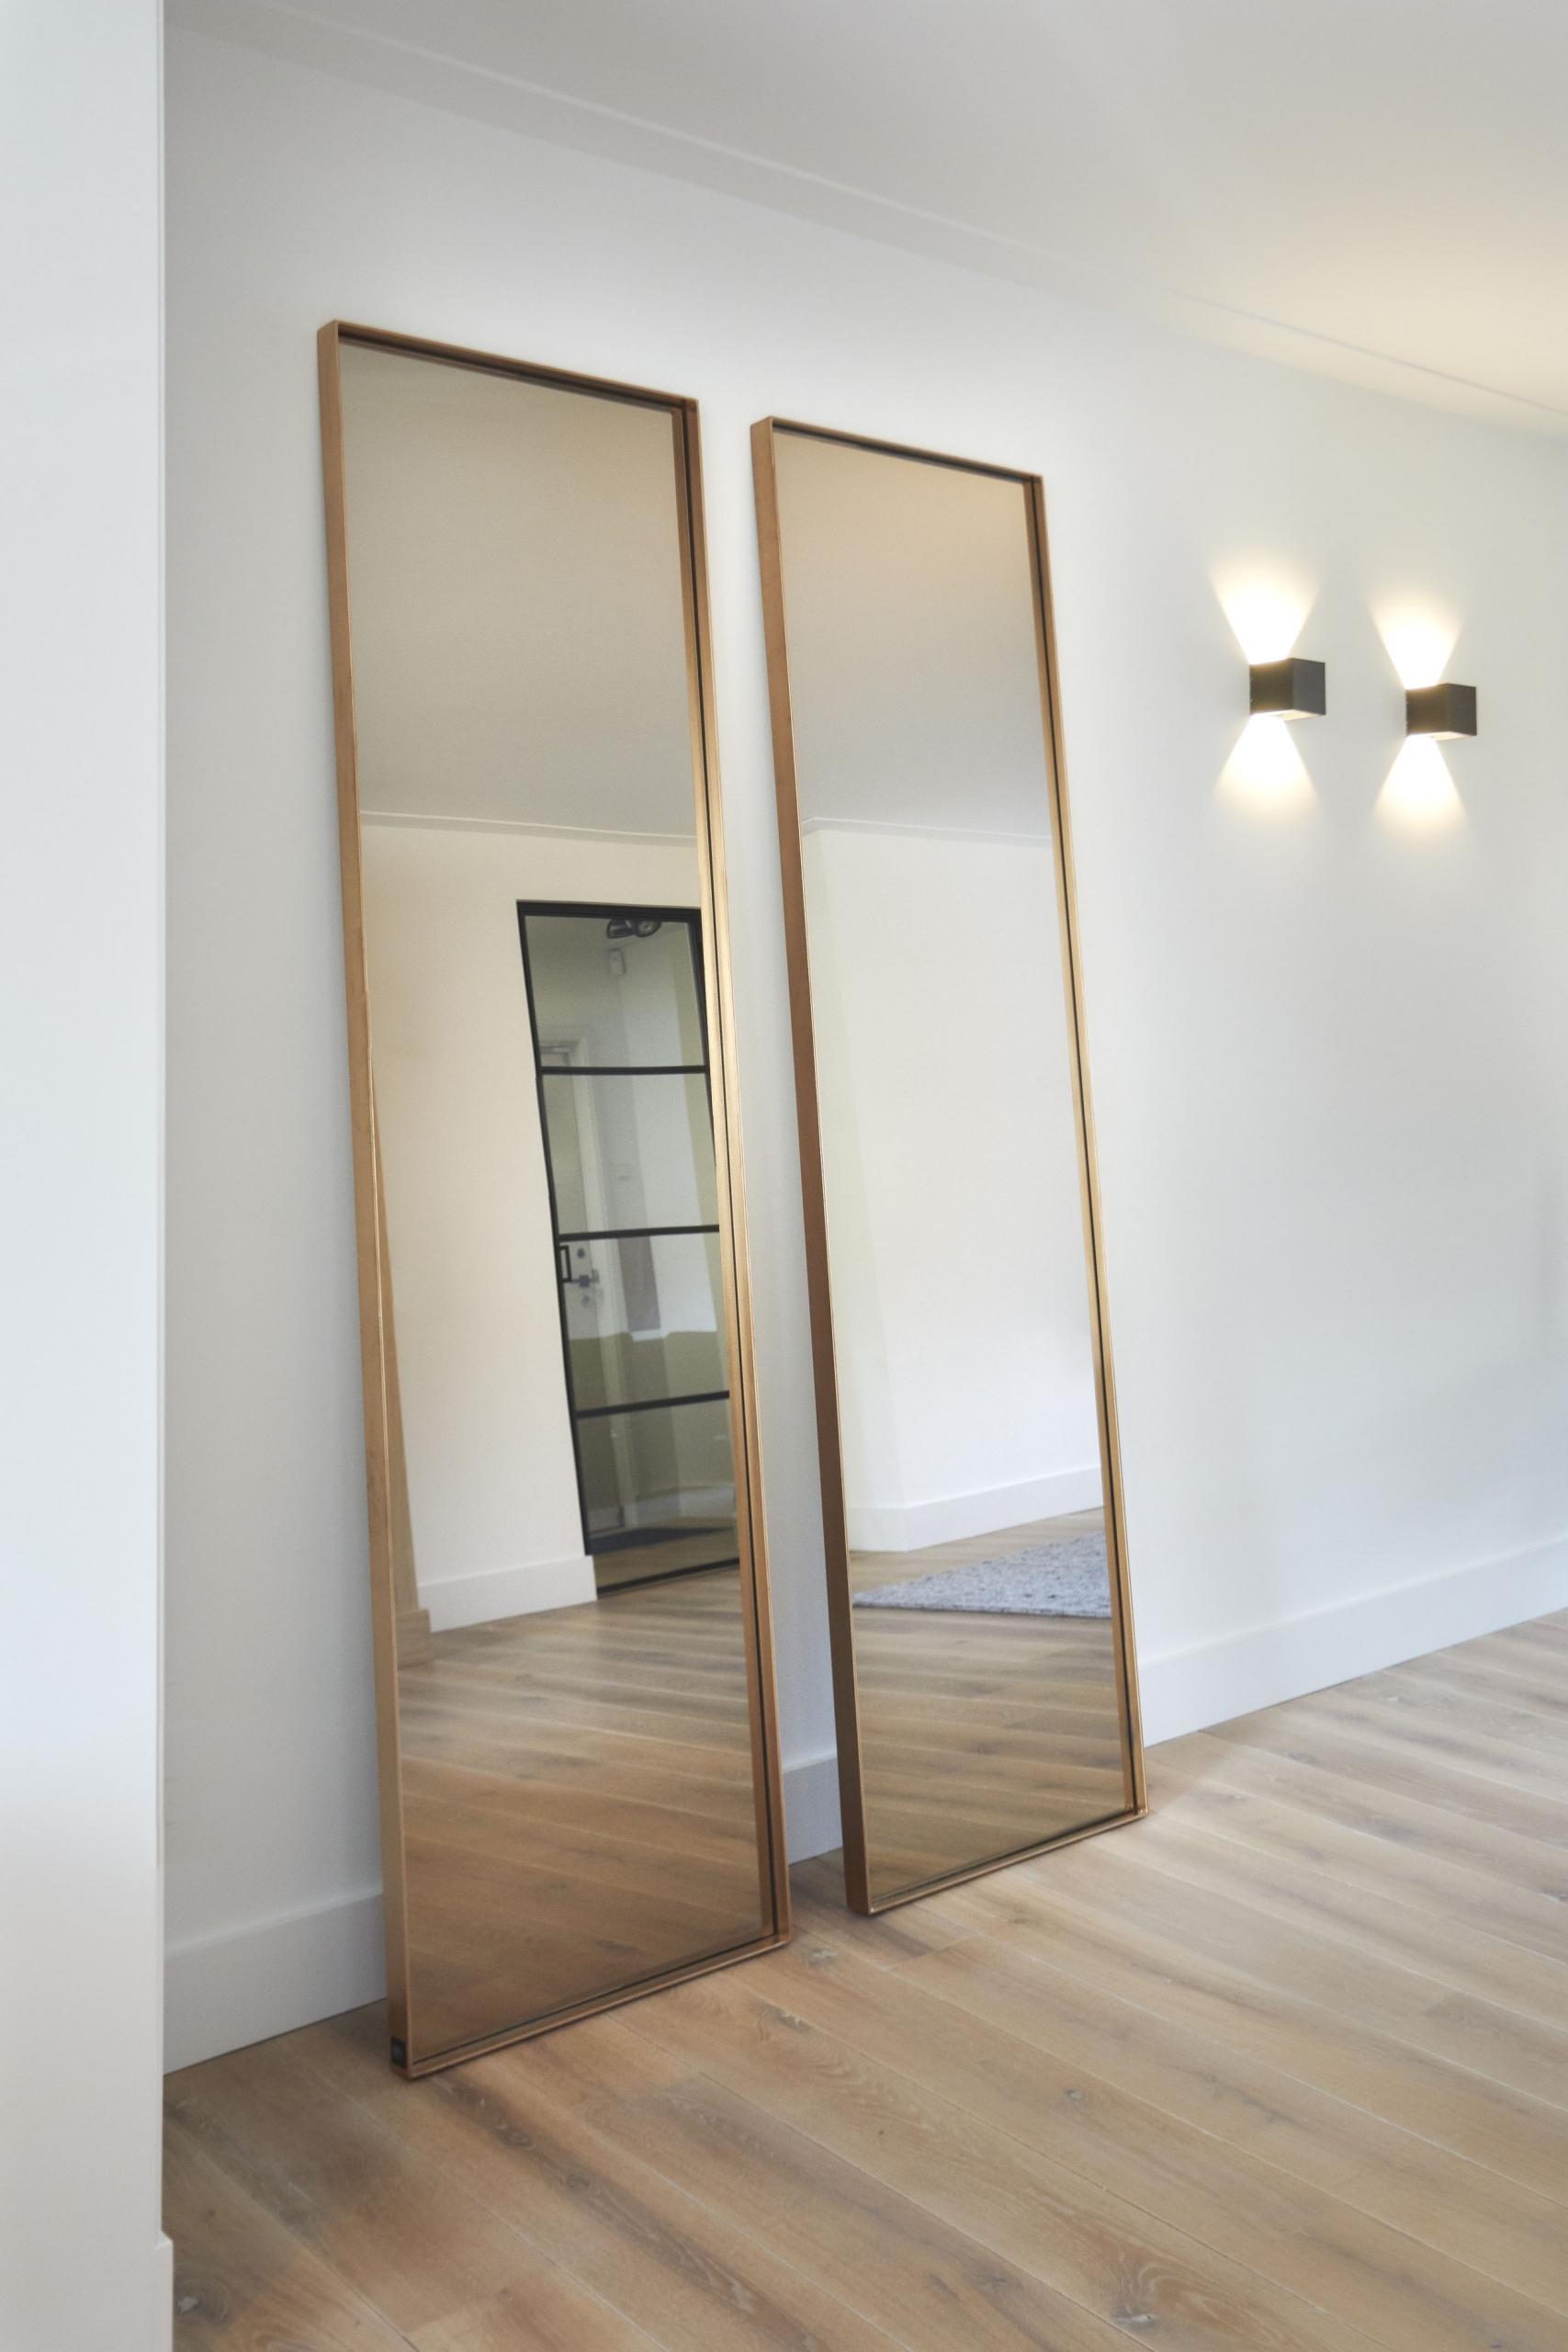 Exclusieve, handgemaakte XL stalen spiegels | Atelier Frontstaal